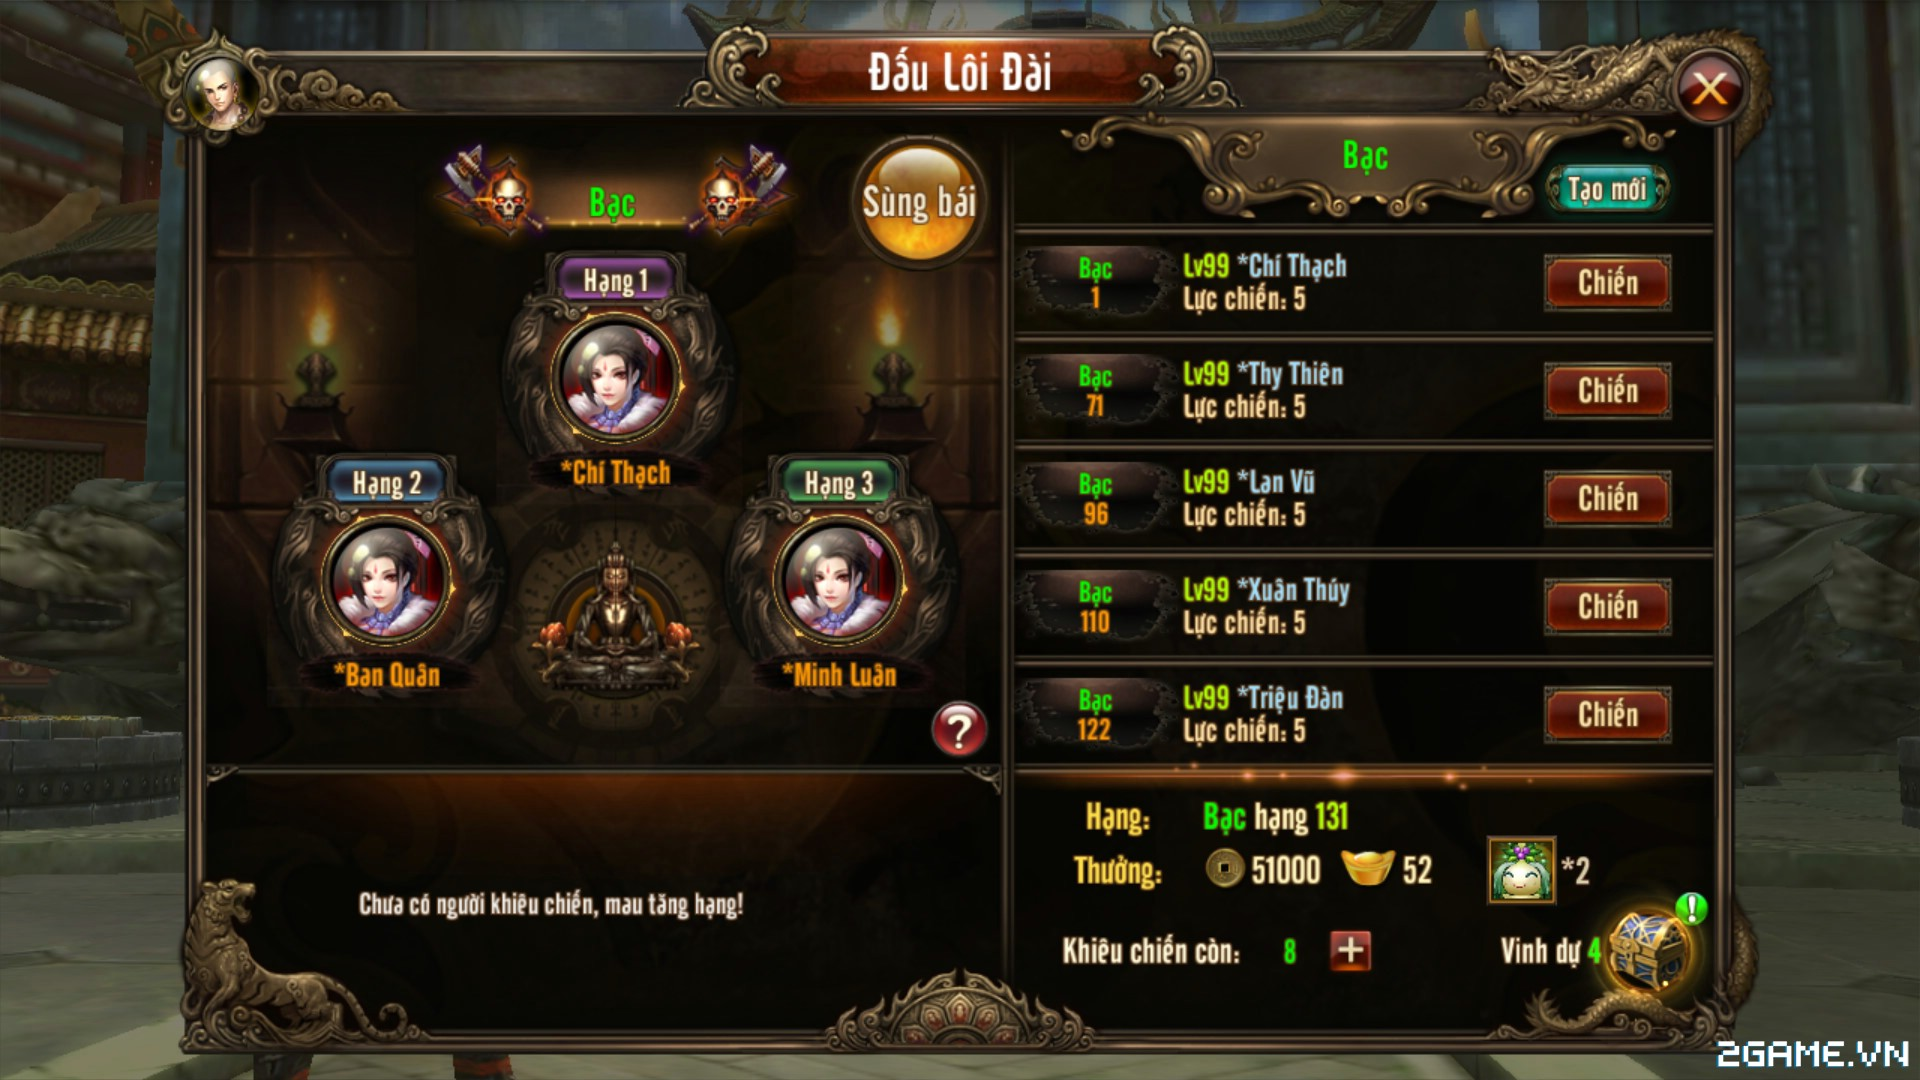 Kungfu Chi Vương – Mẹo tăng cấp nhanh trong game